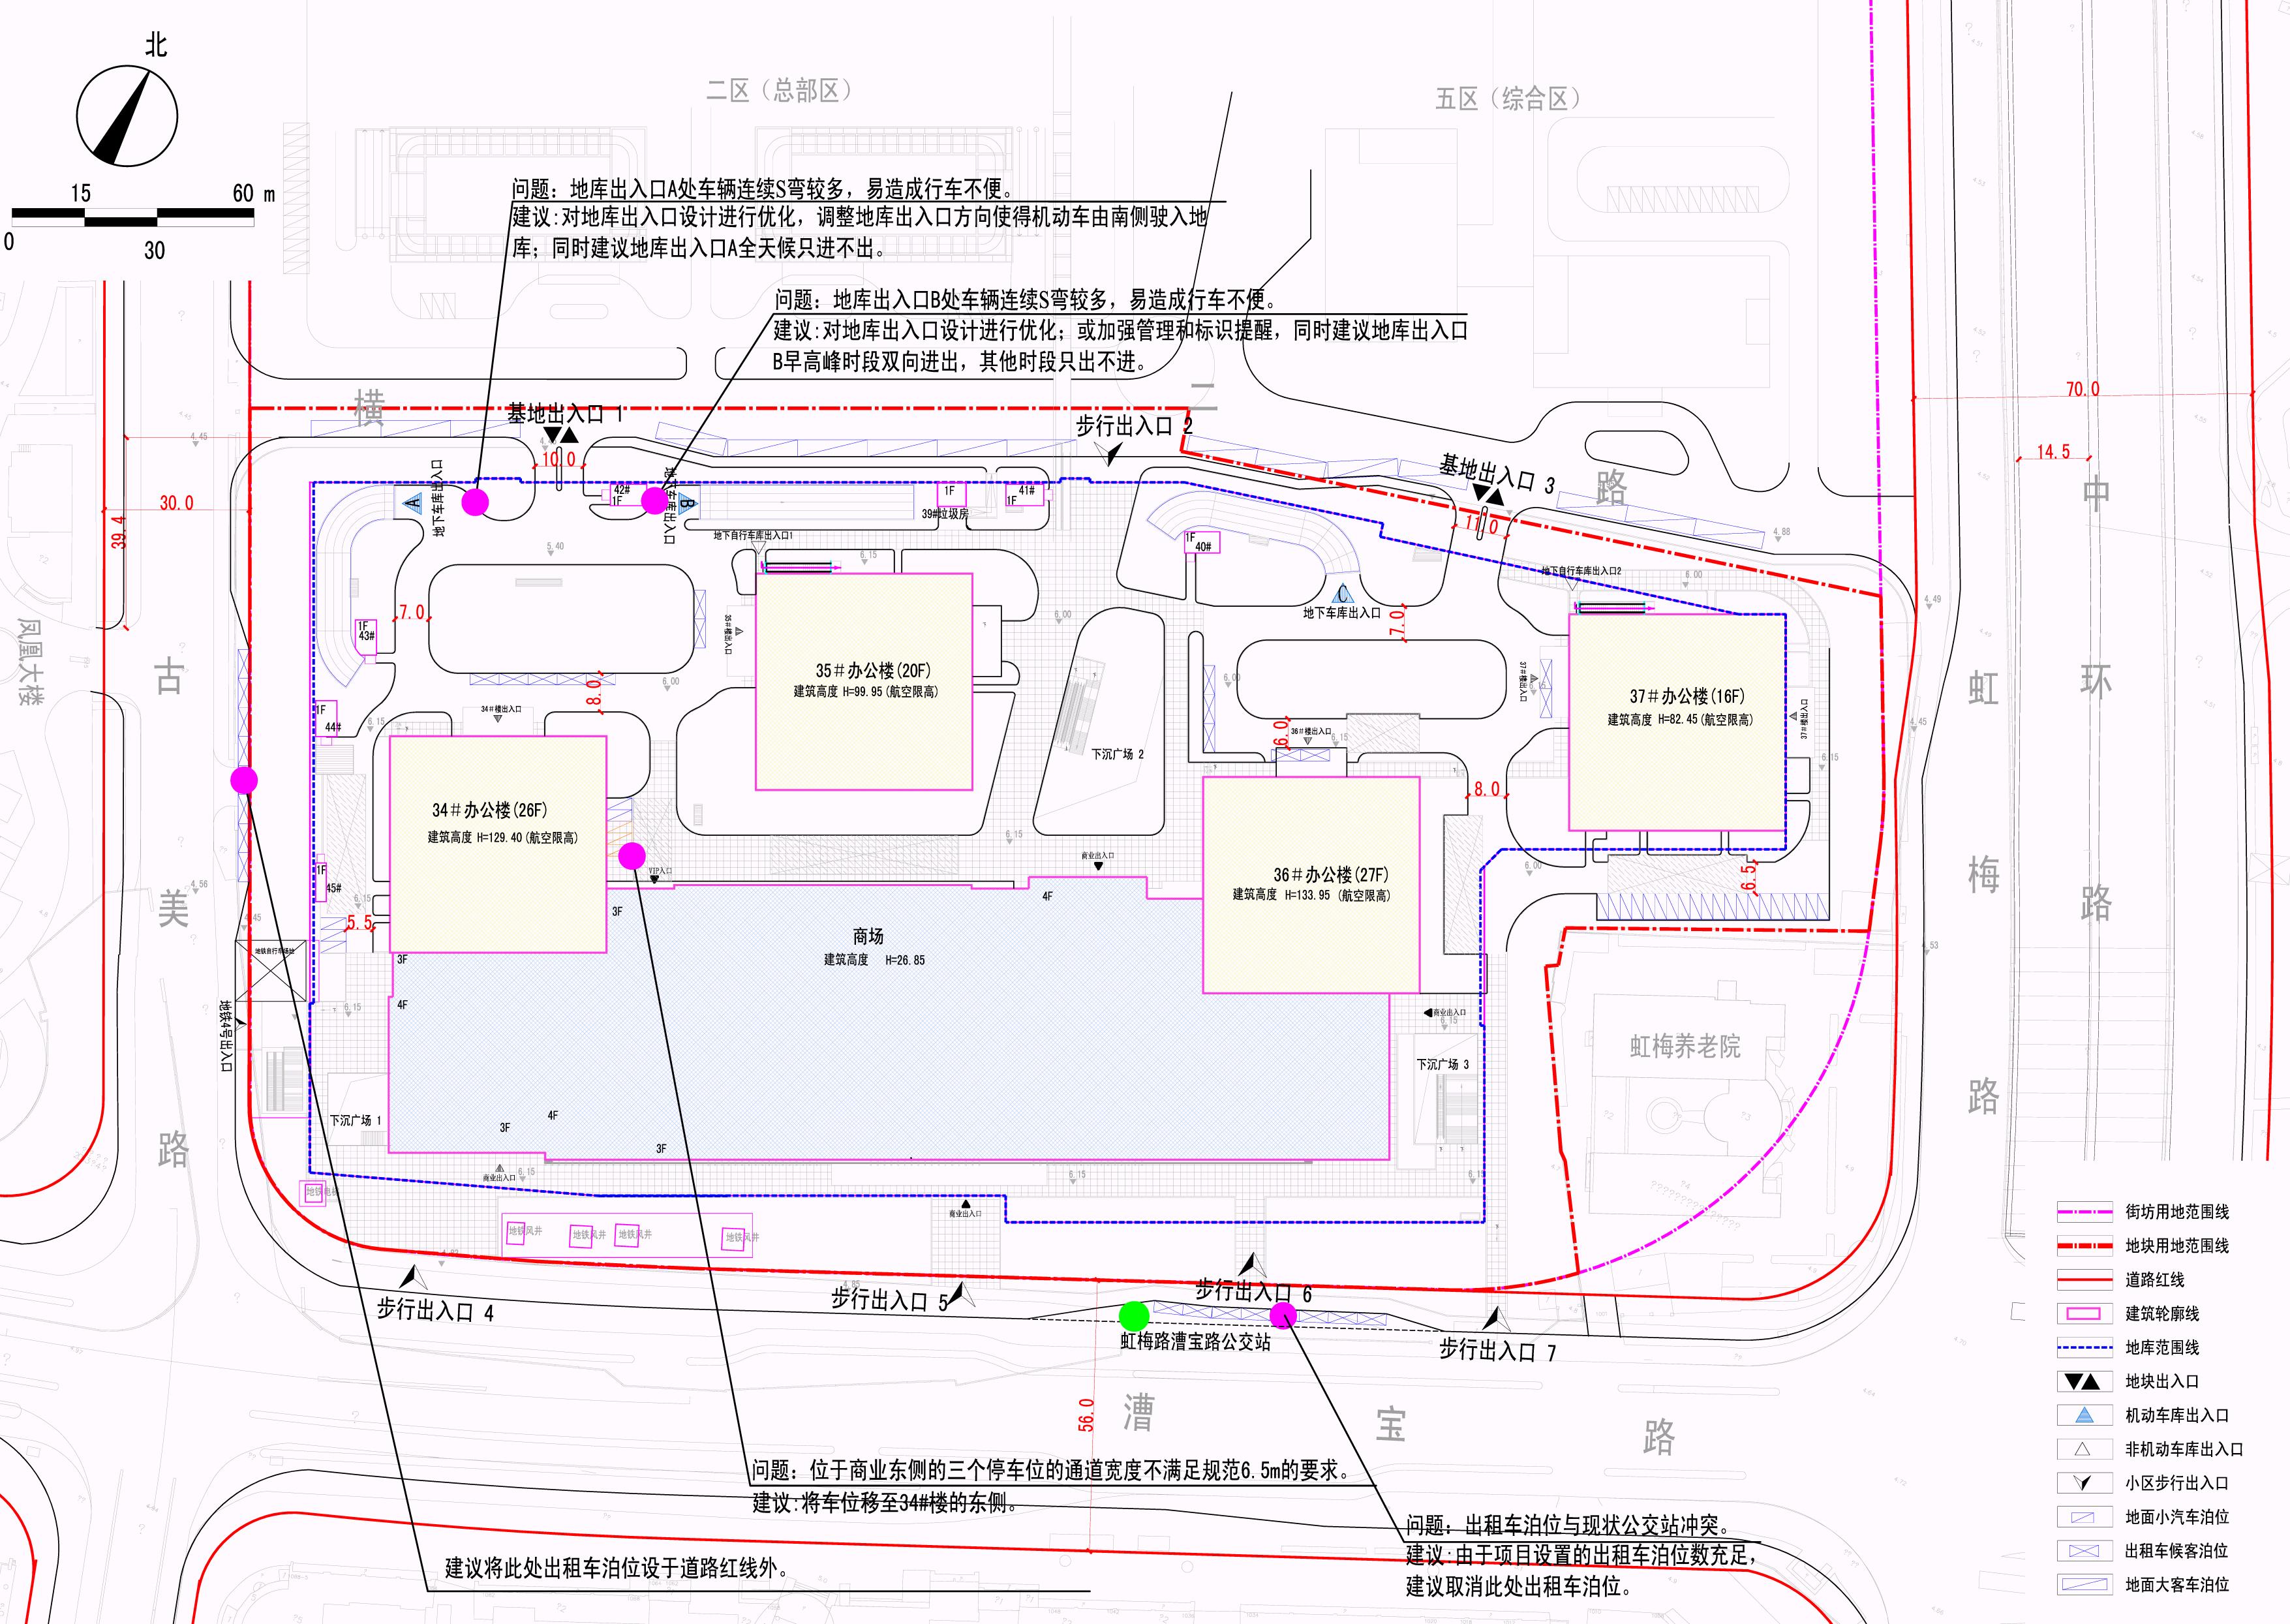 基地地面交通组织建议图